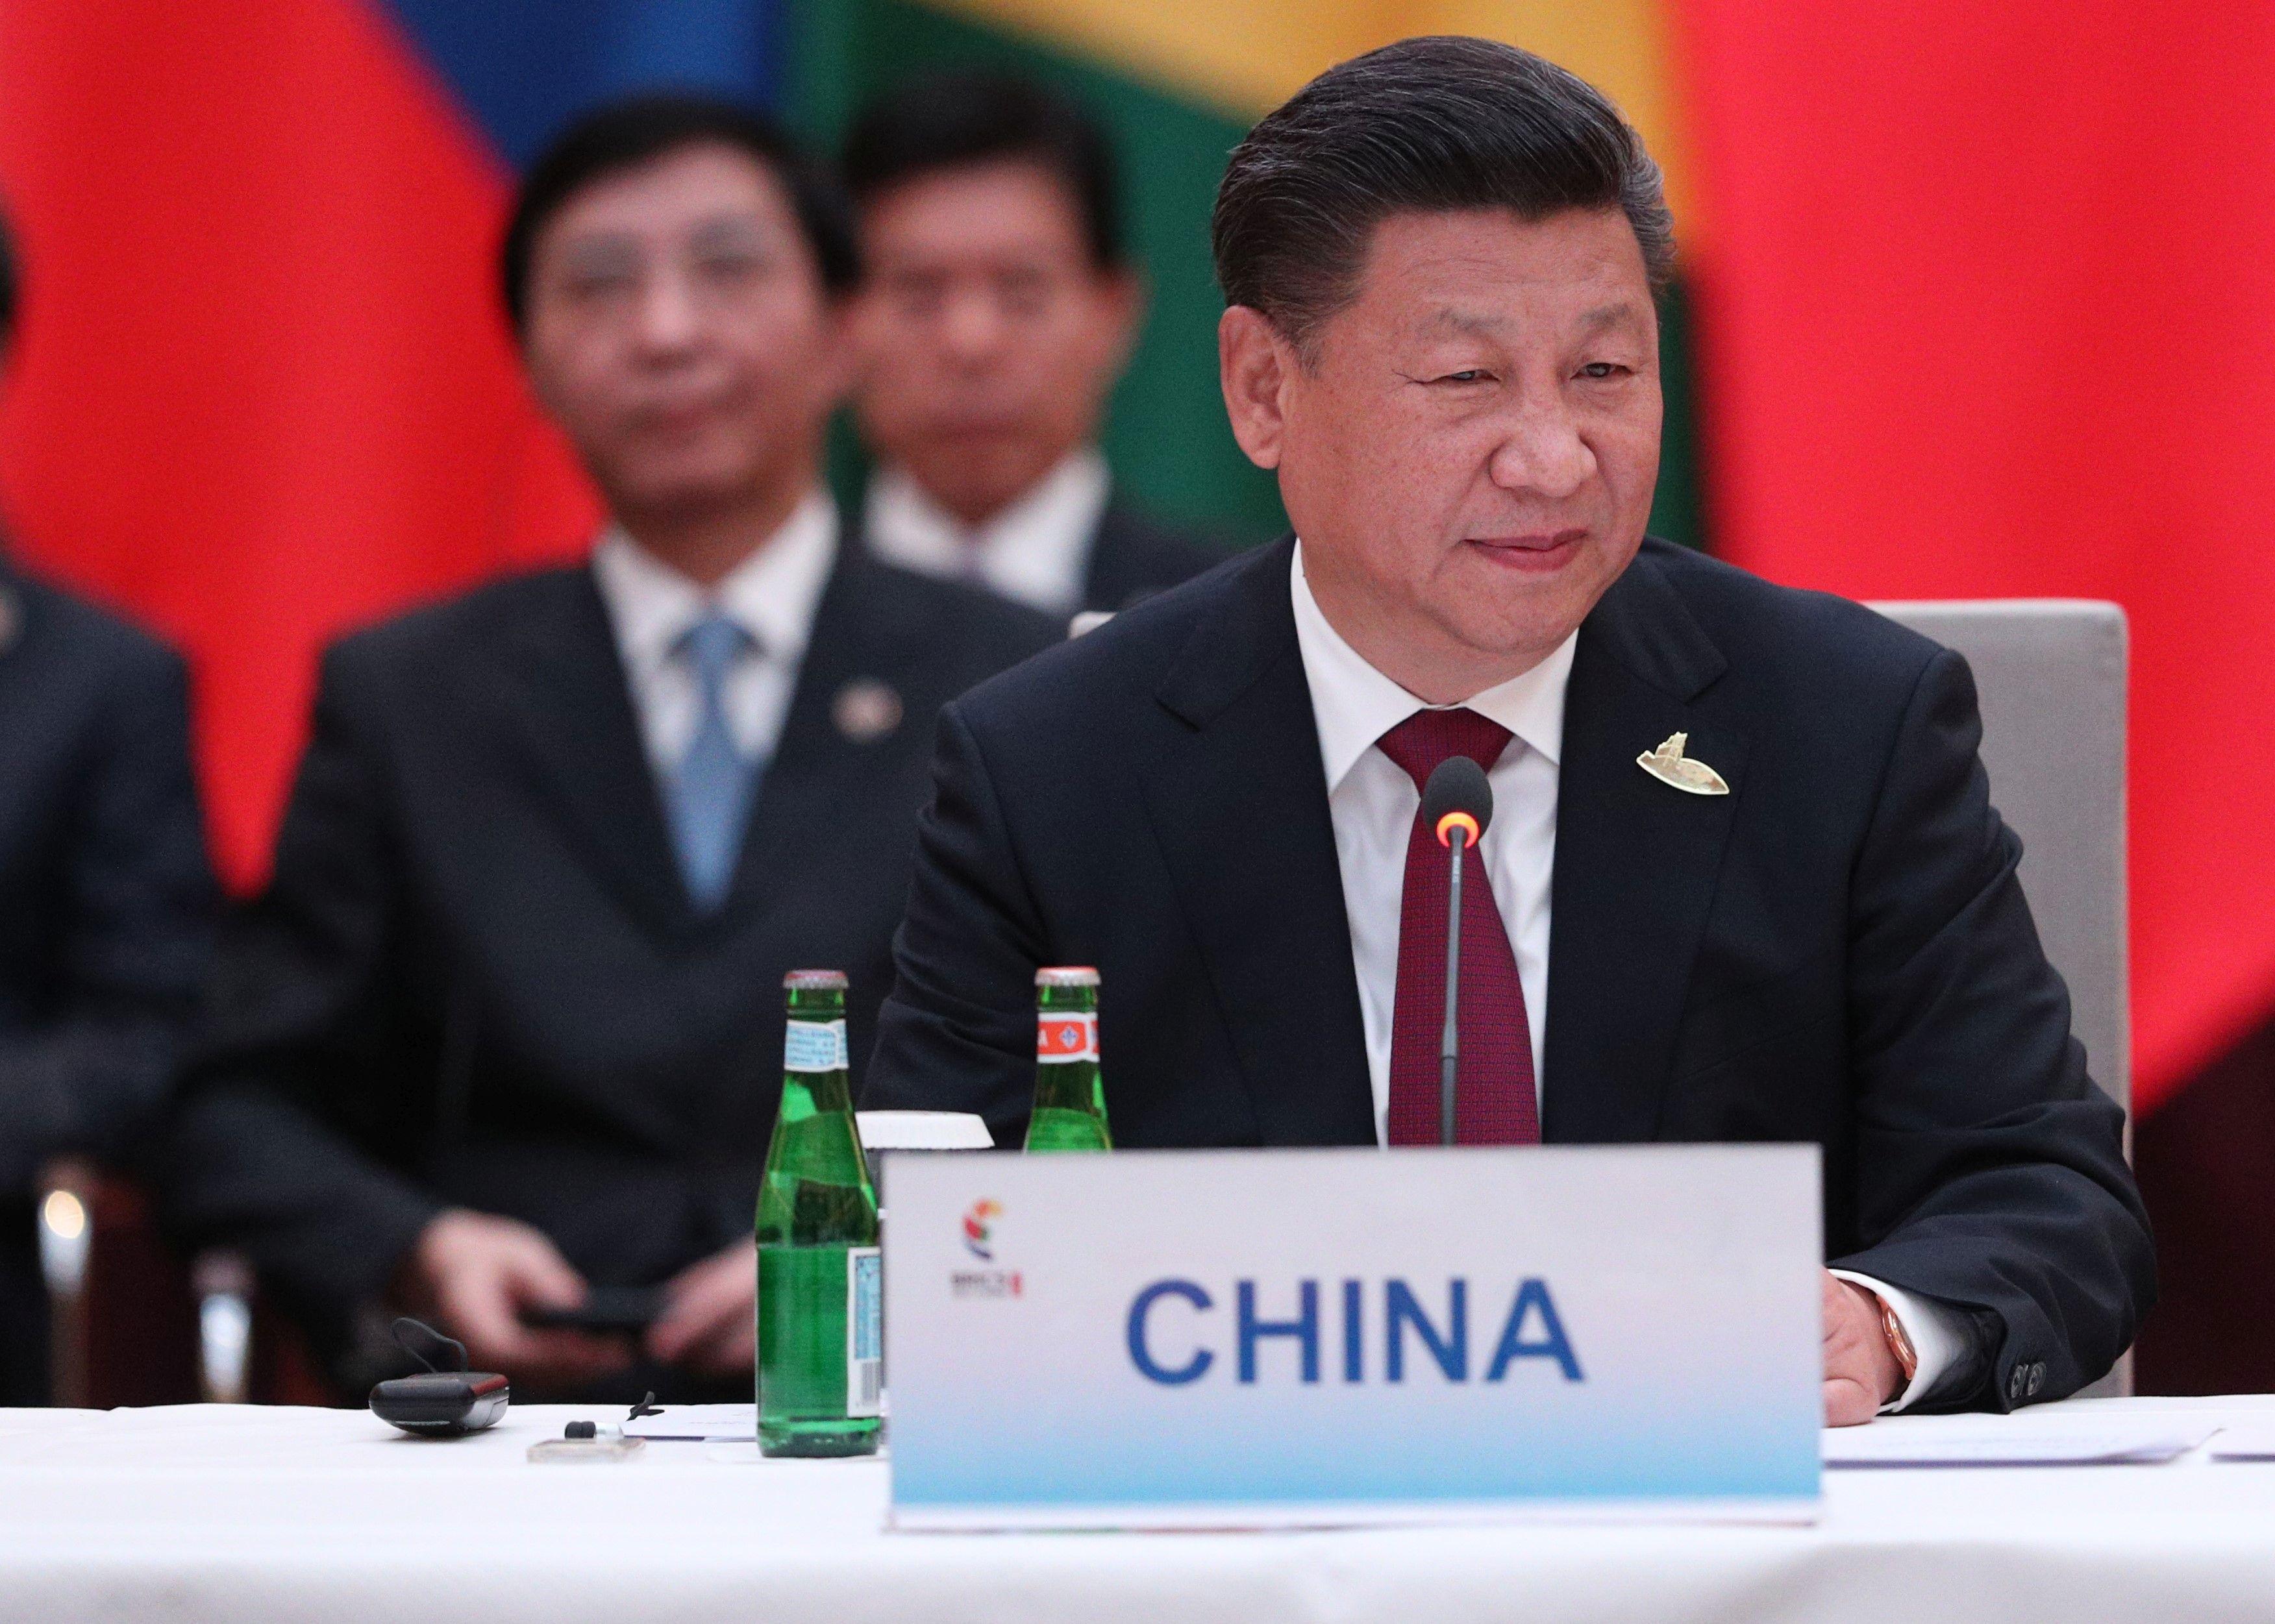 Partidul Comunist chinez vrea să menţină pe termen lung doctrina actuală/ Preşedintele Xi Jinping, învestit cu un statut similar lui Mao Zedong sau Deng Xiaoping